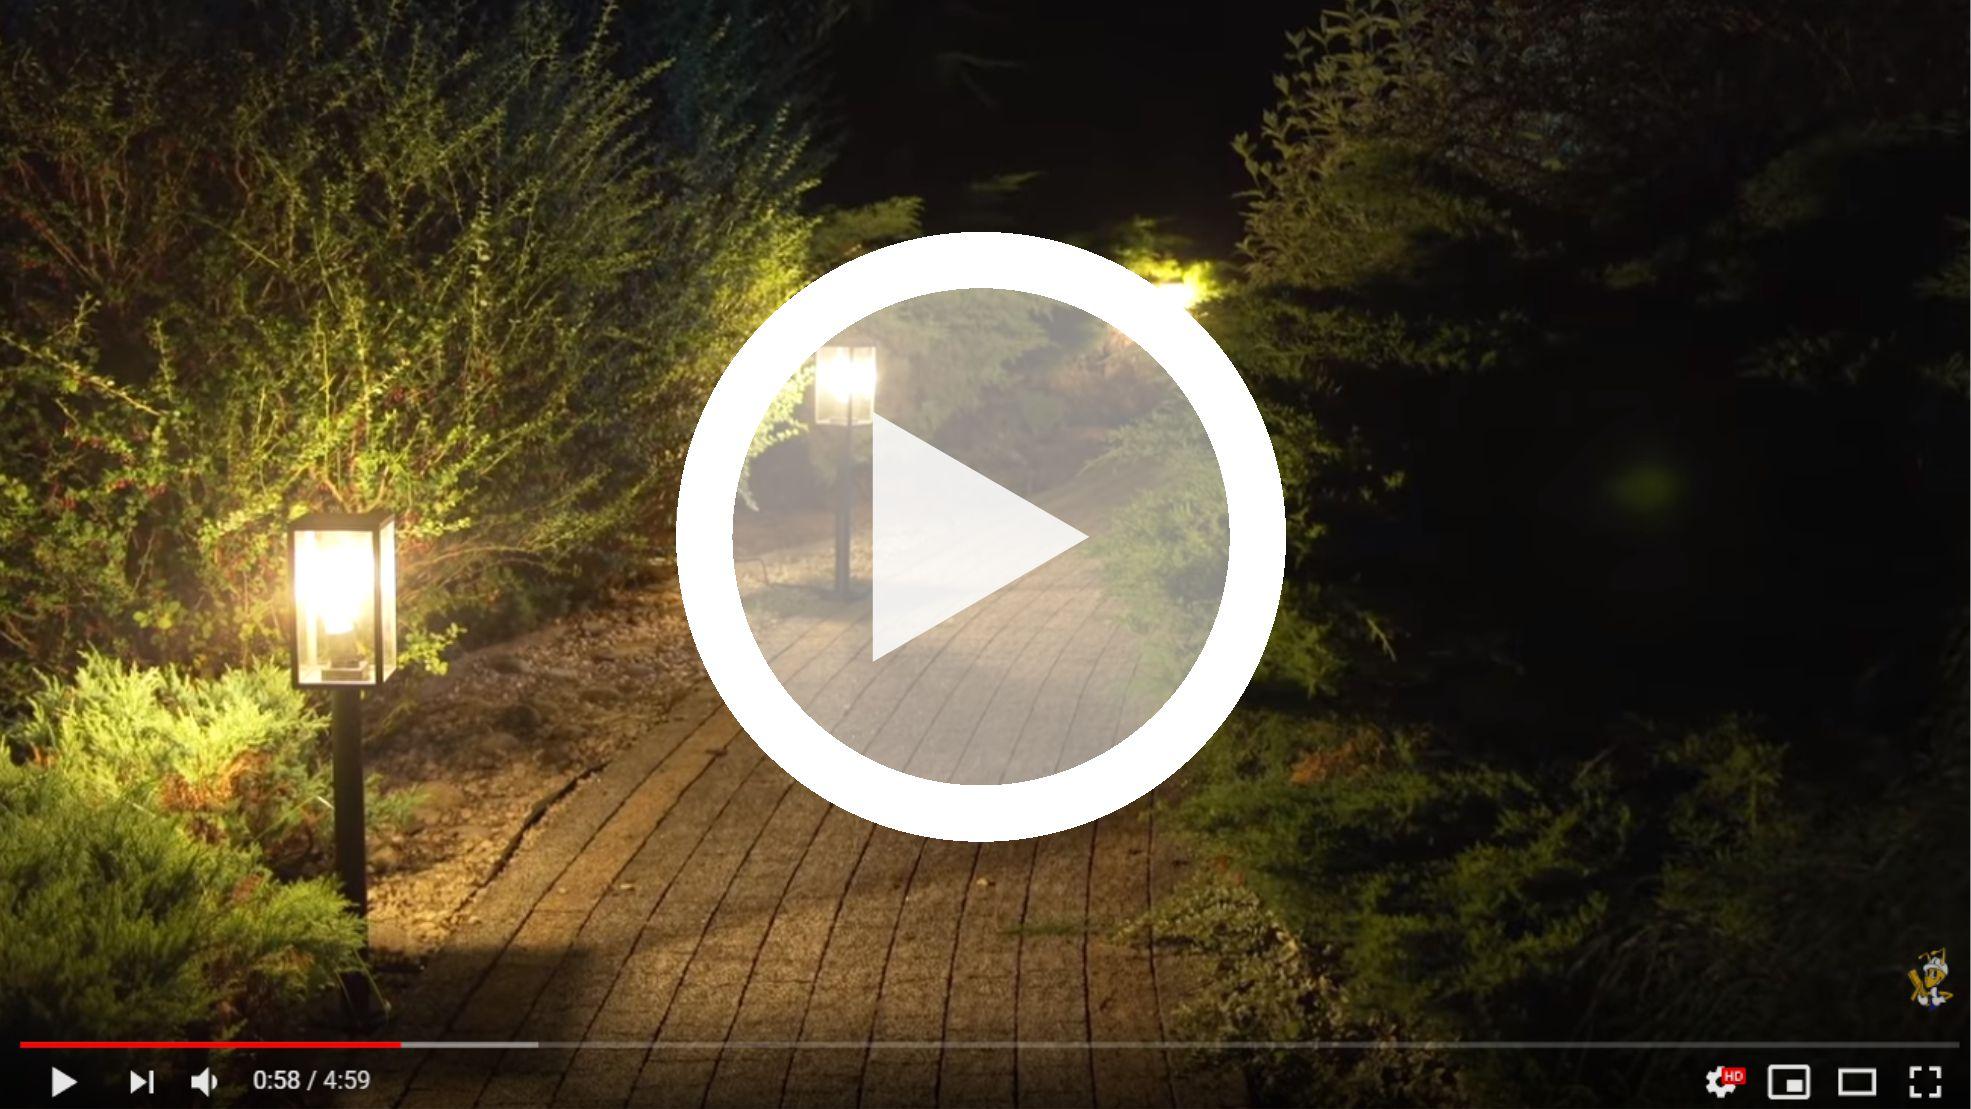 lampy-i-lampki-wybierz-najlepsze-oswietlenie-ogrodowe